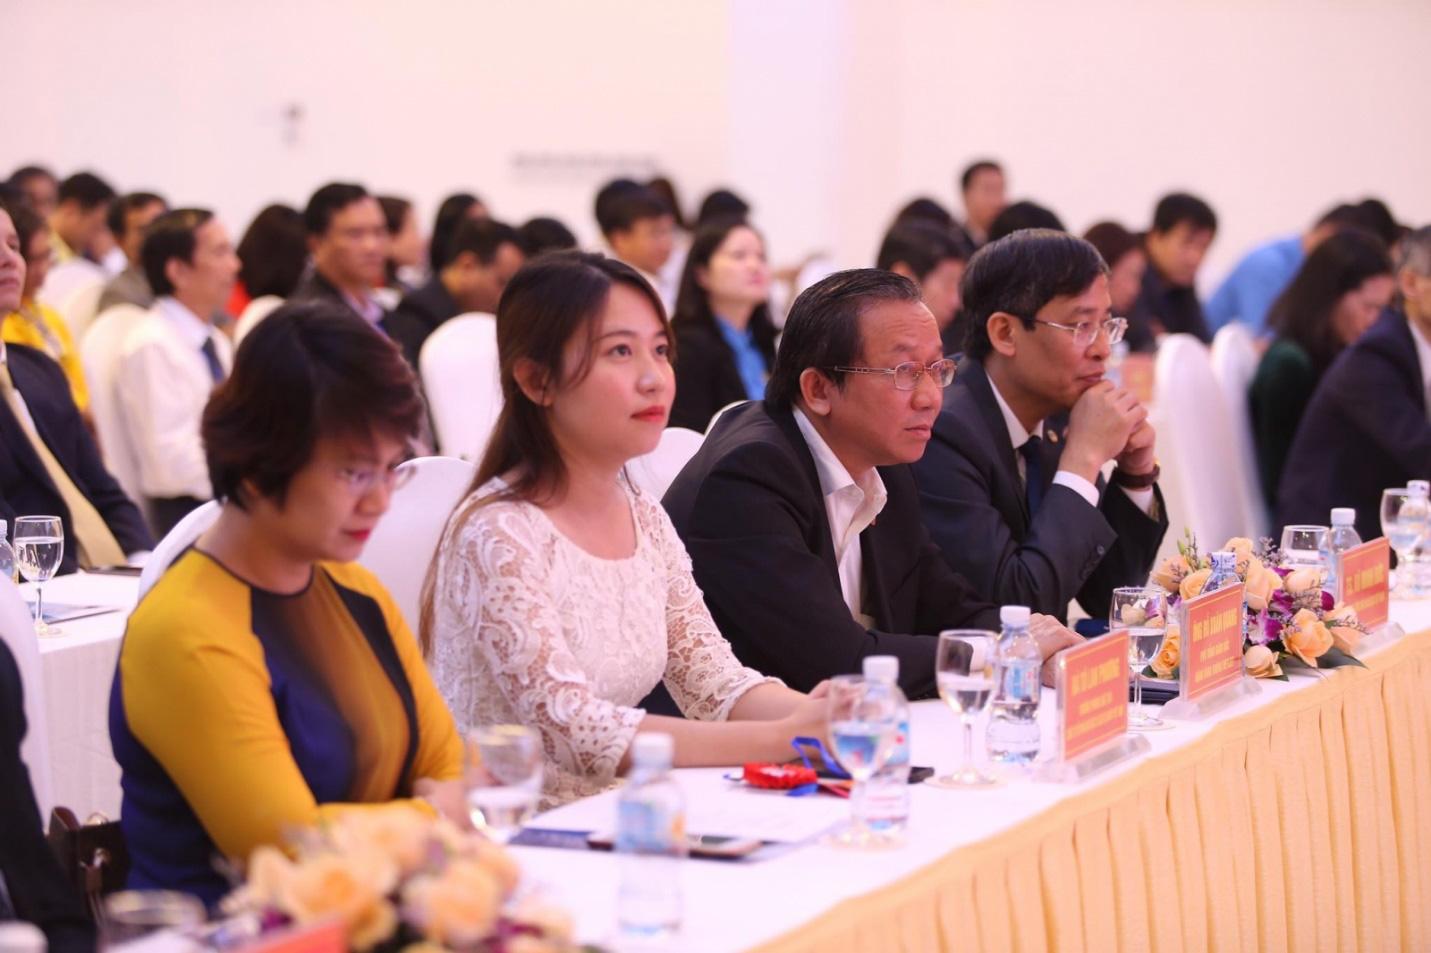 IMAP đồng hành cùng Bộ Giáo dục và Đào tạo trong các sự kiện lớn ngành Giáo dục - Ảnh 2.